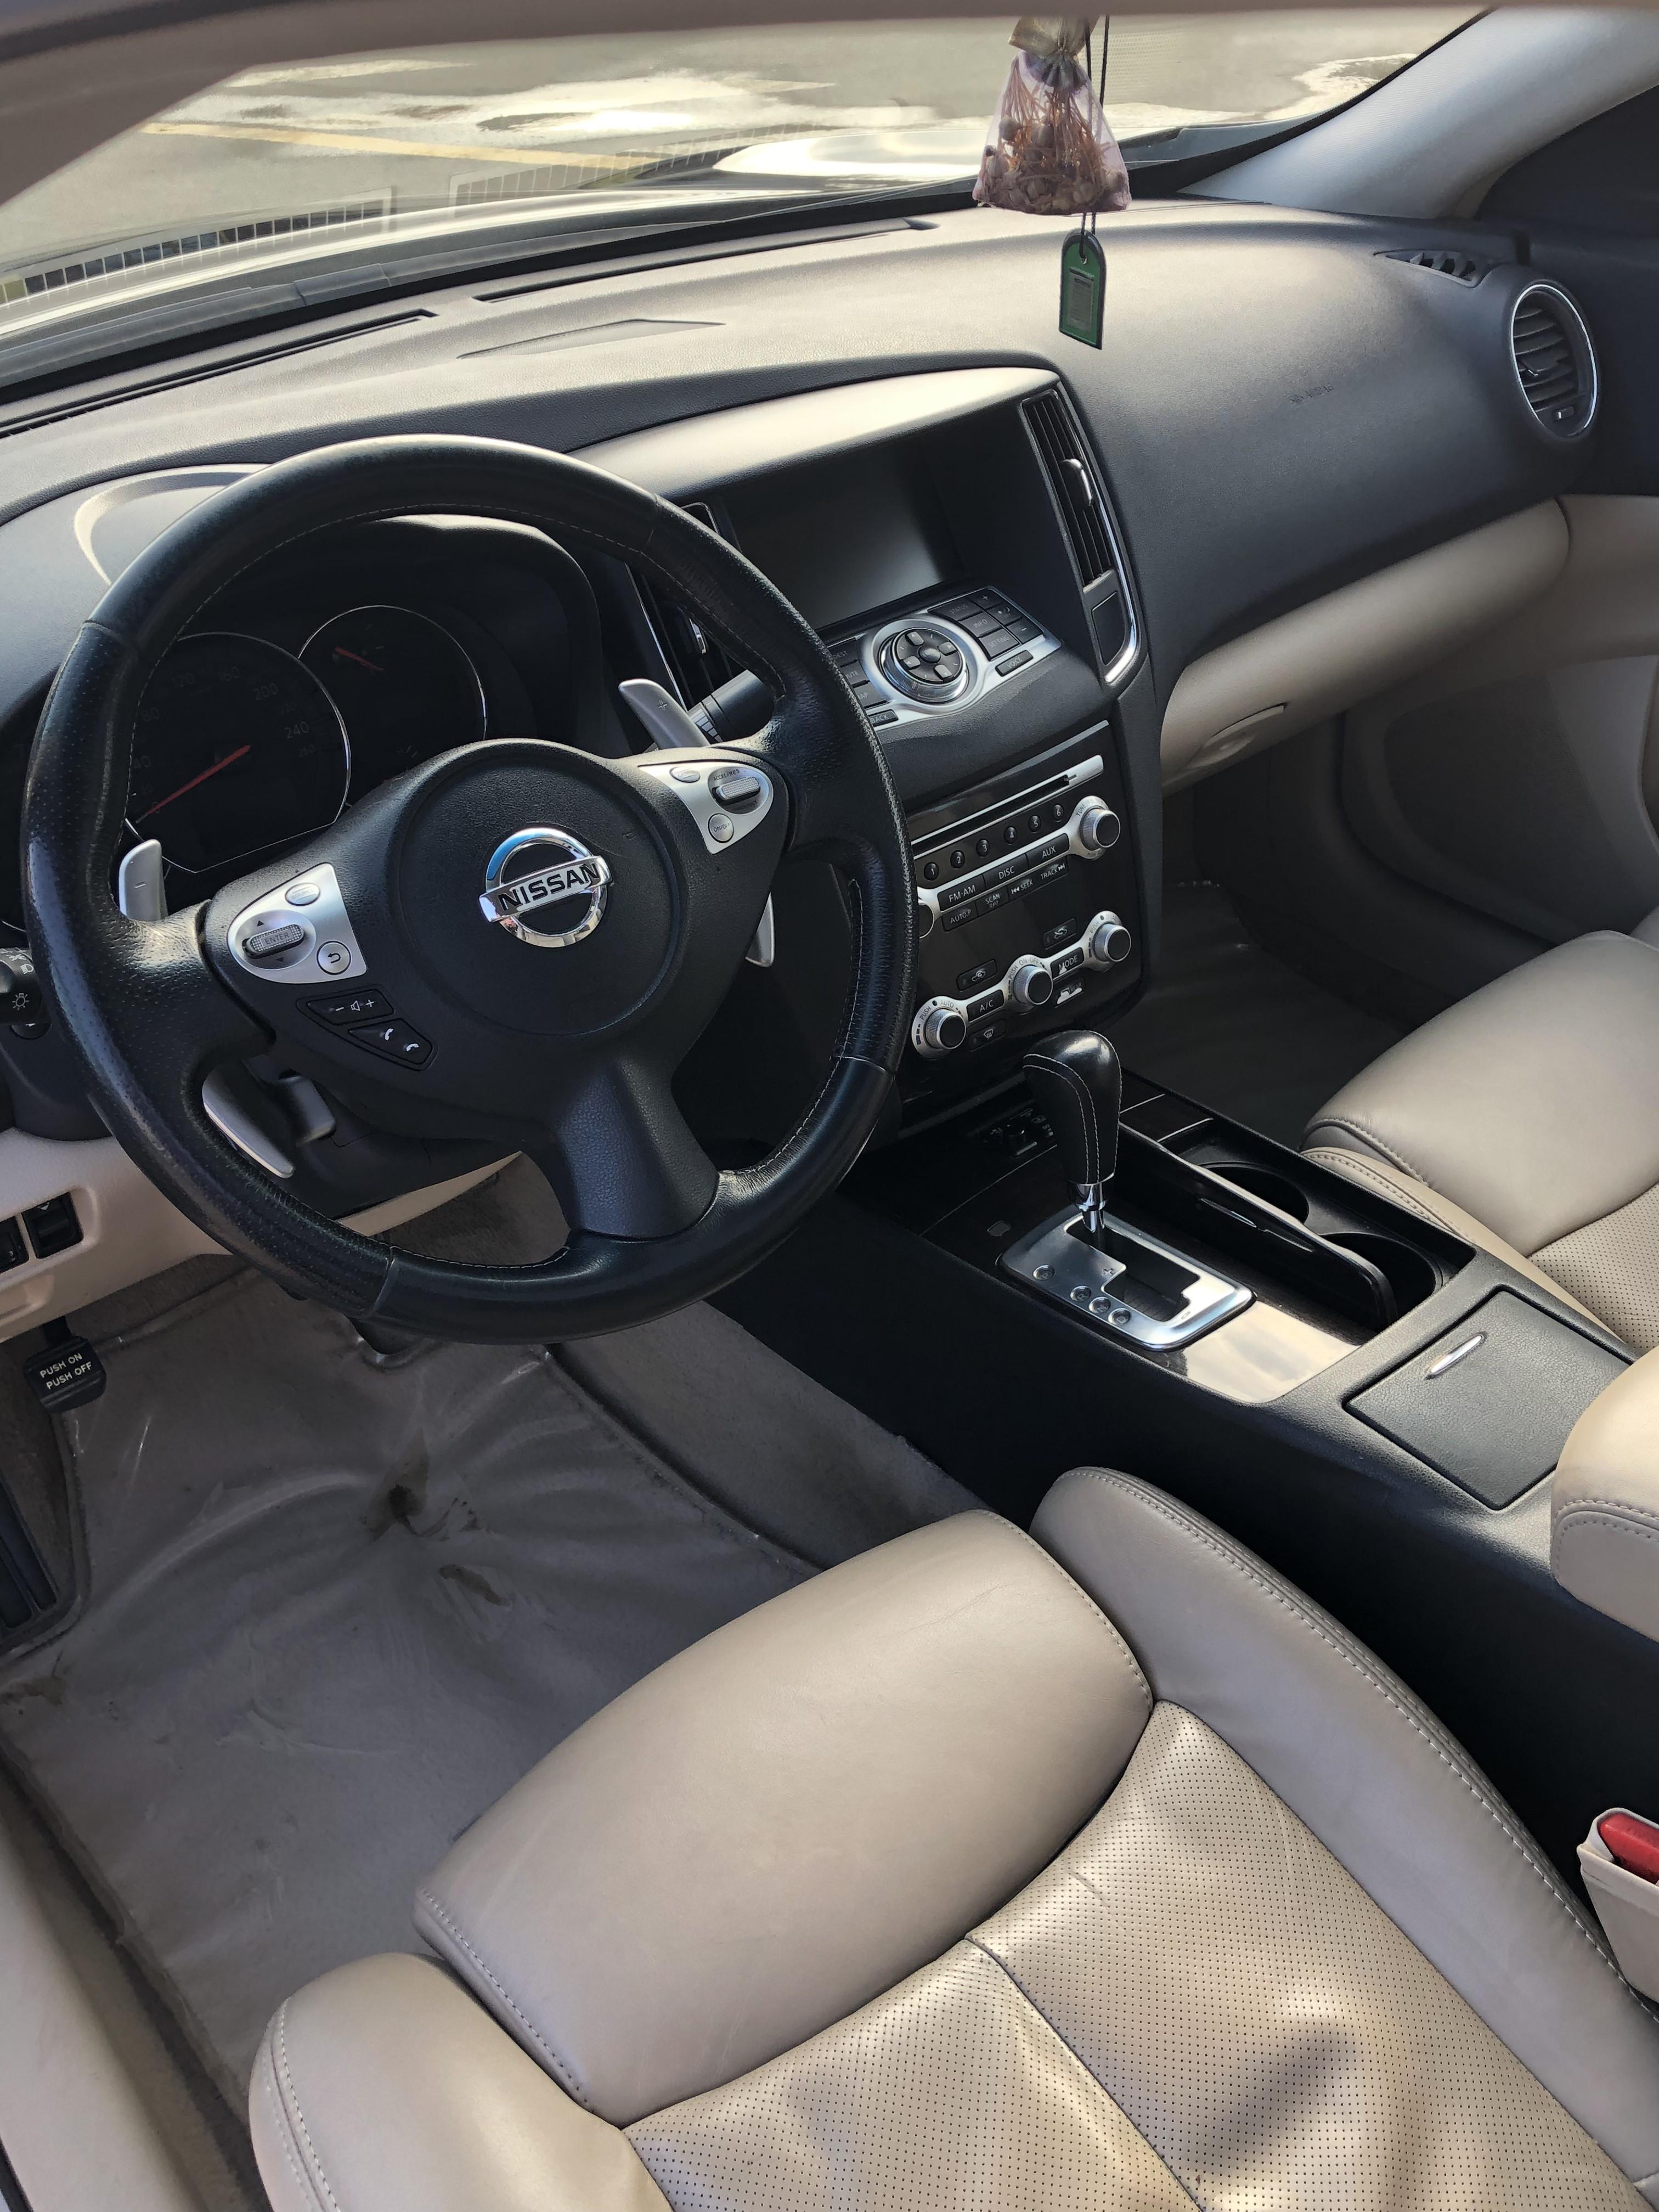 Nissan Maxima 3500(lt) 2012 İkinci əl  $17500